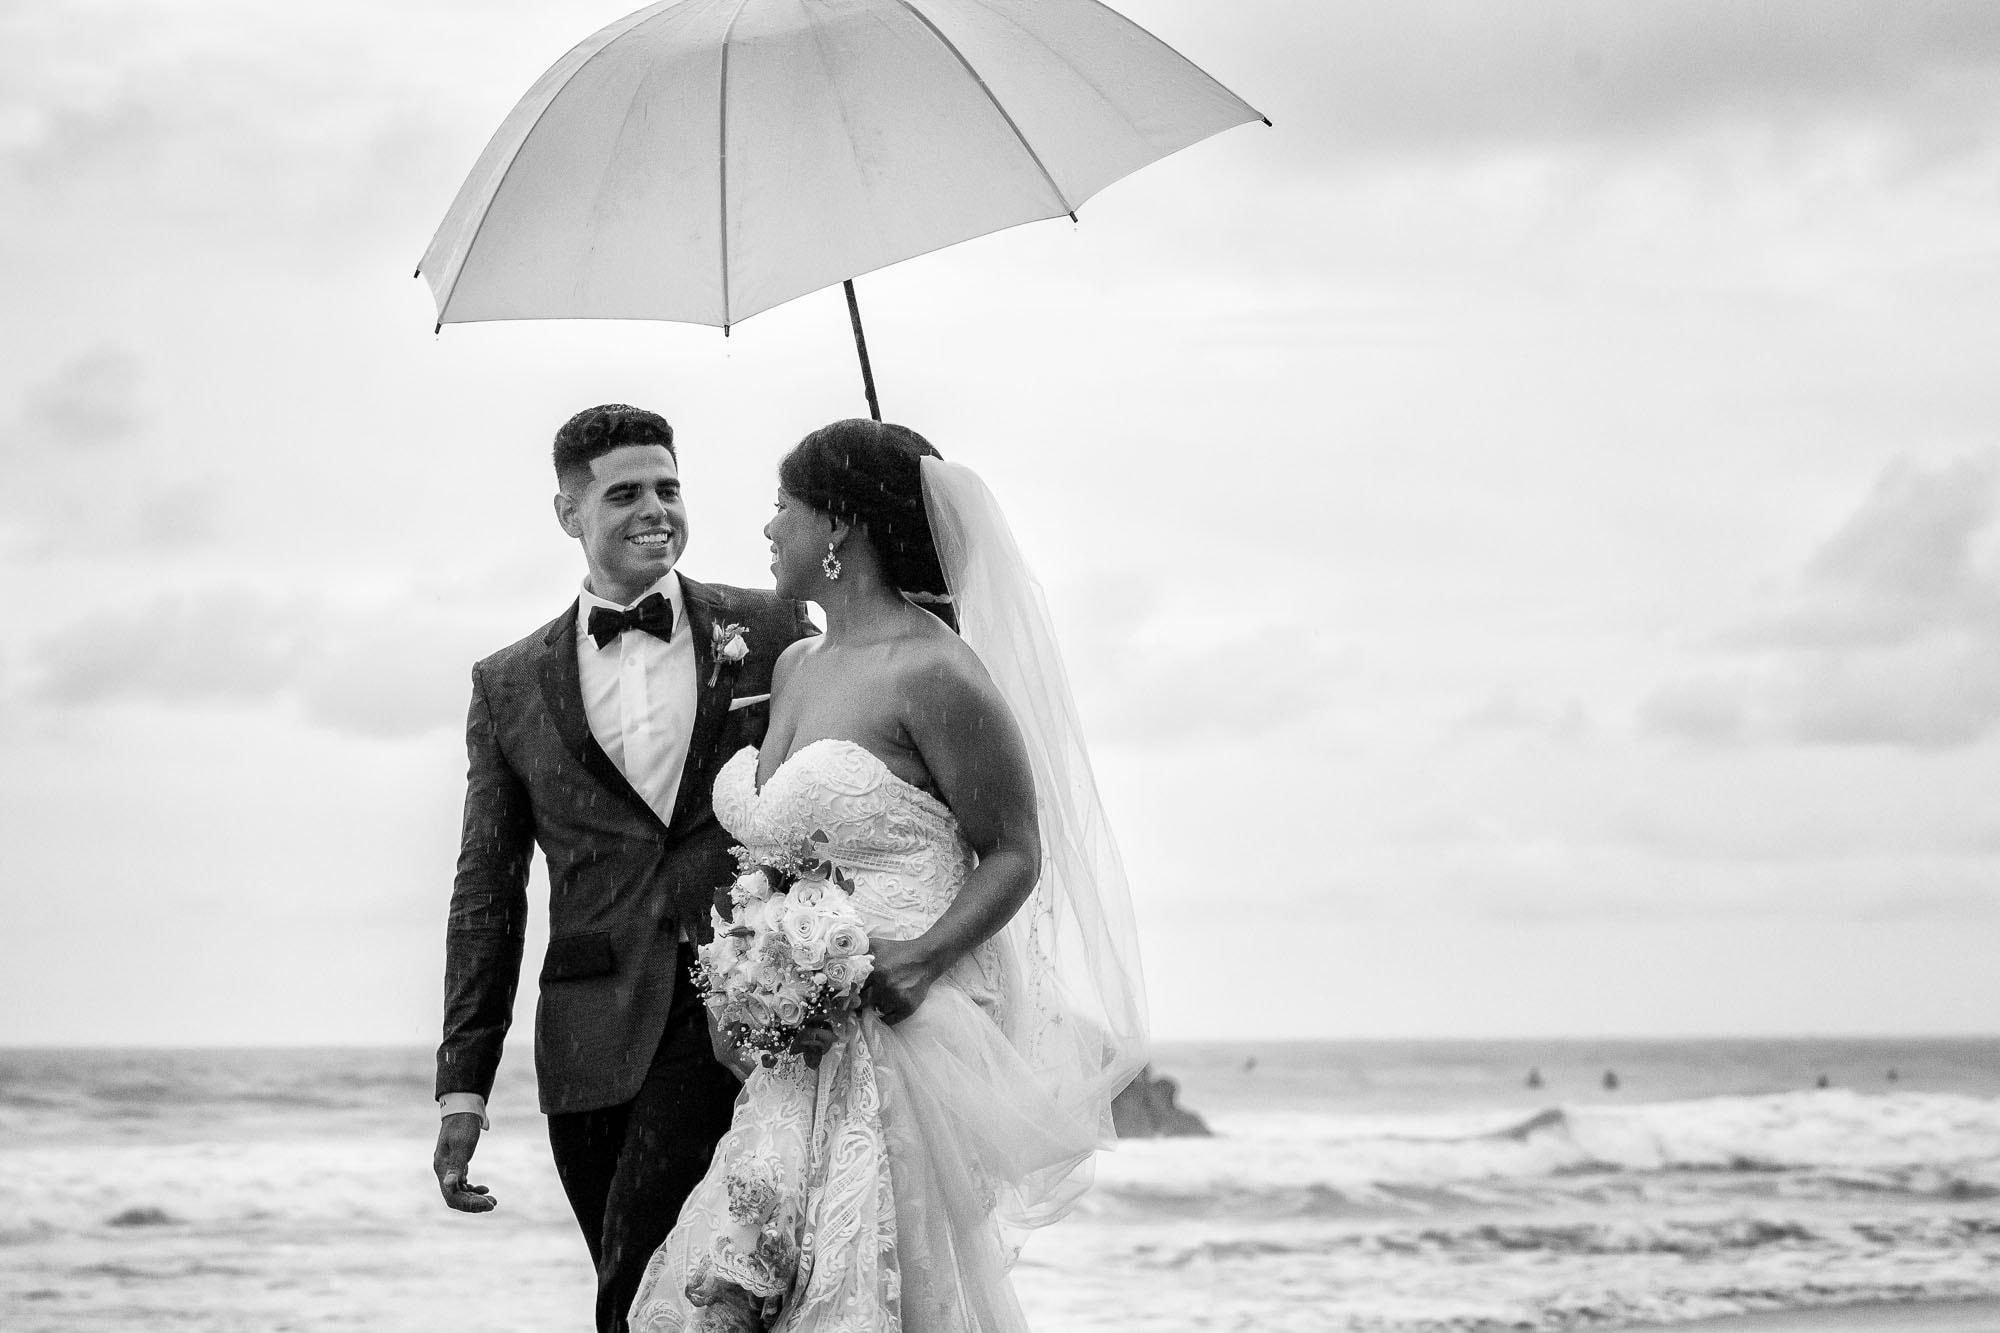 The couple on the beach: timeless wedding venue ideas